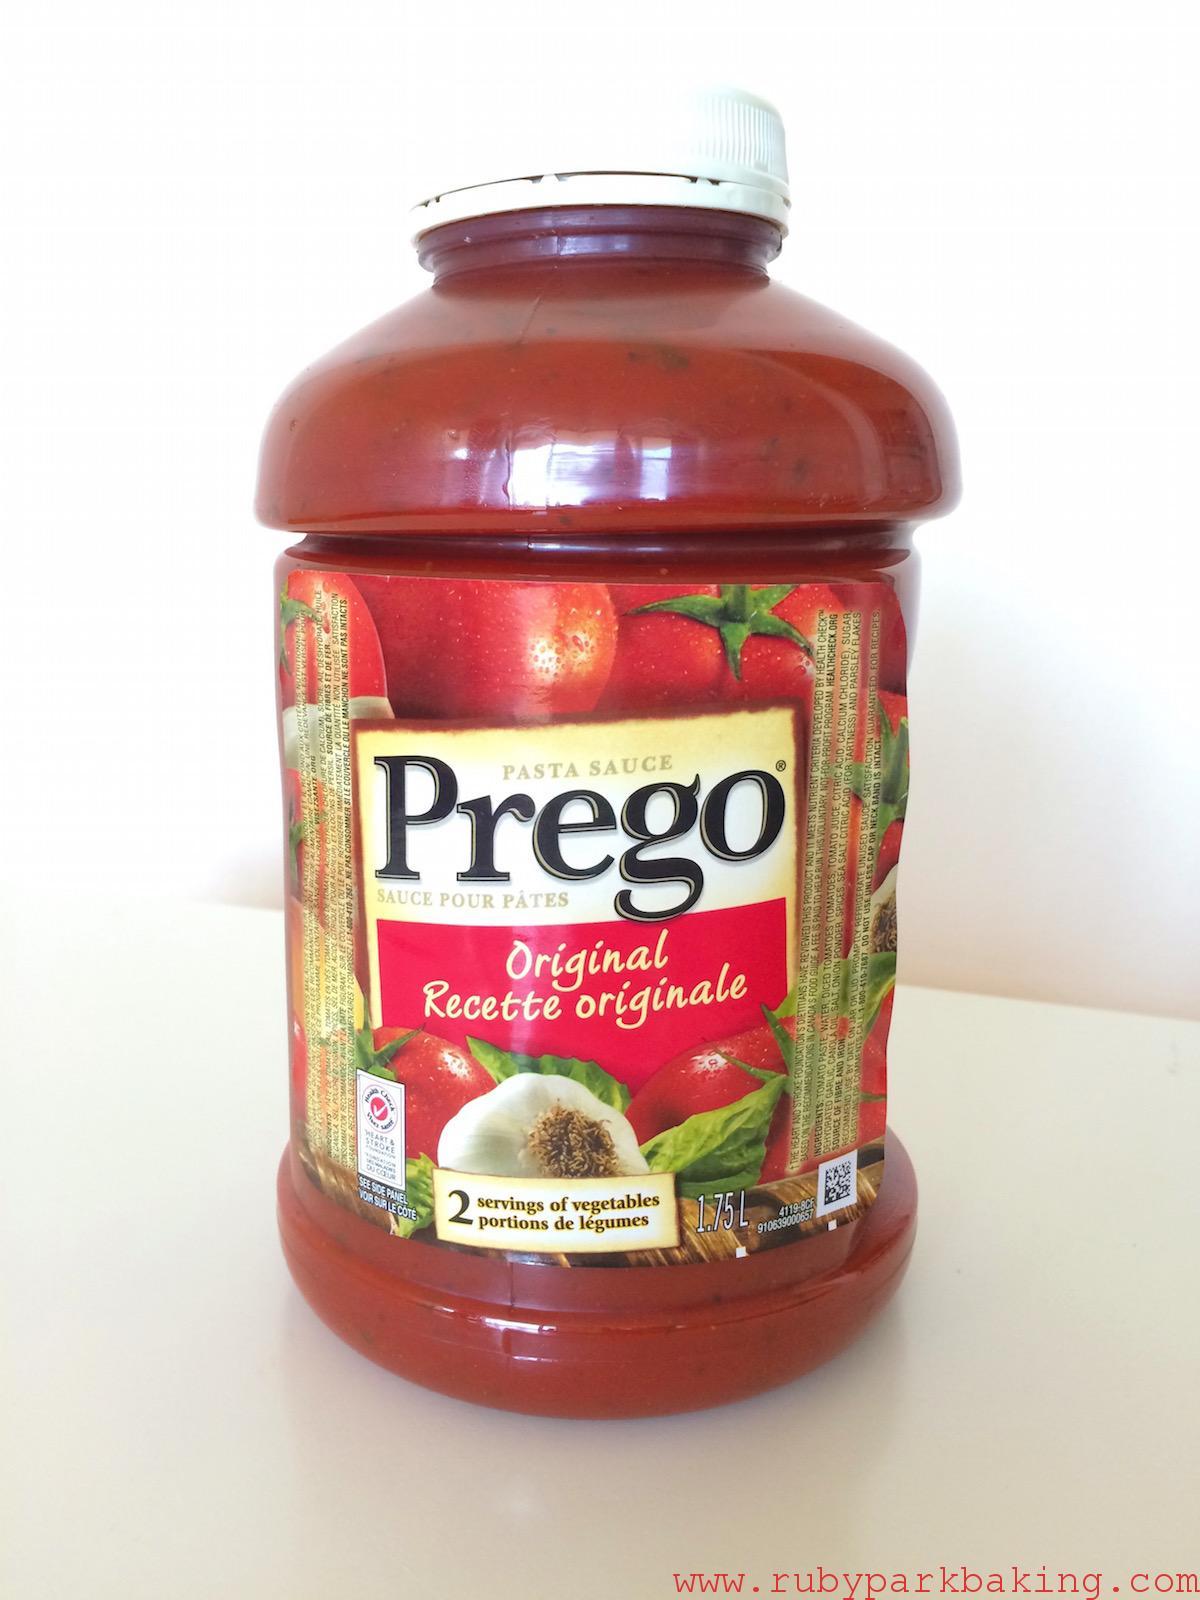 Prego Pasta Sauce @Costco Canada